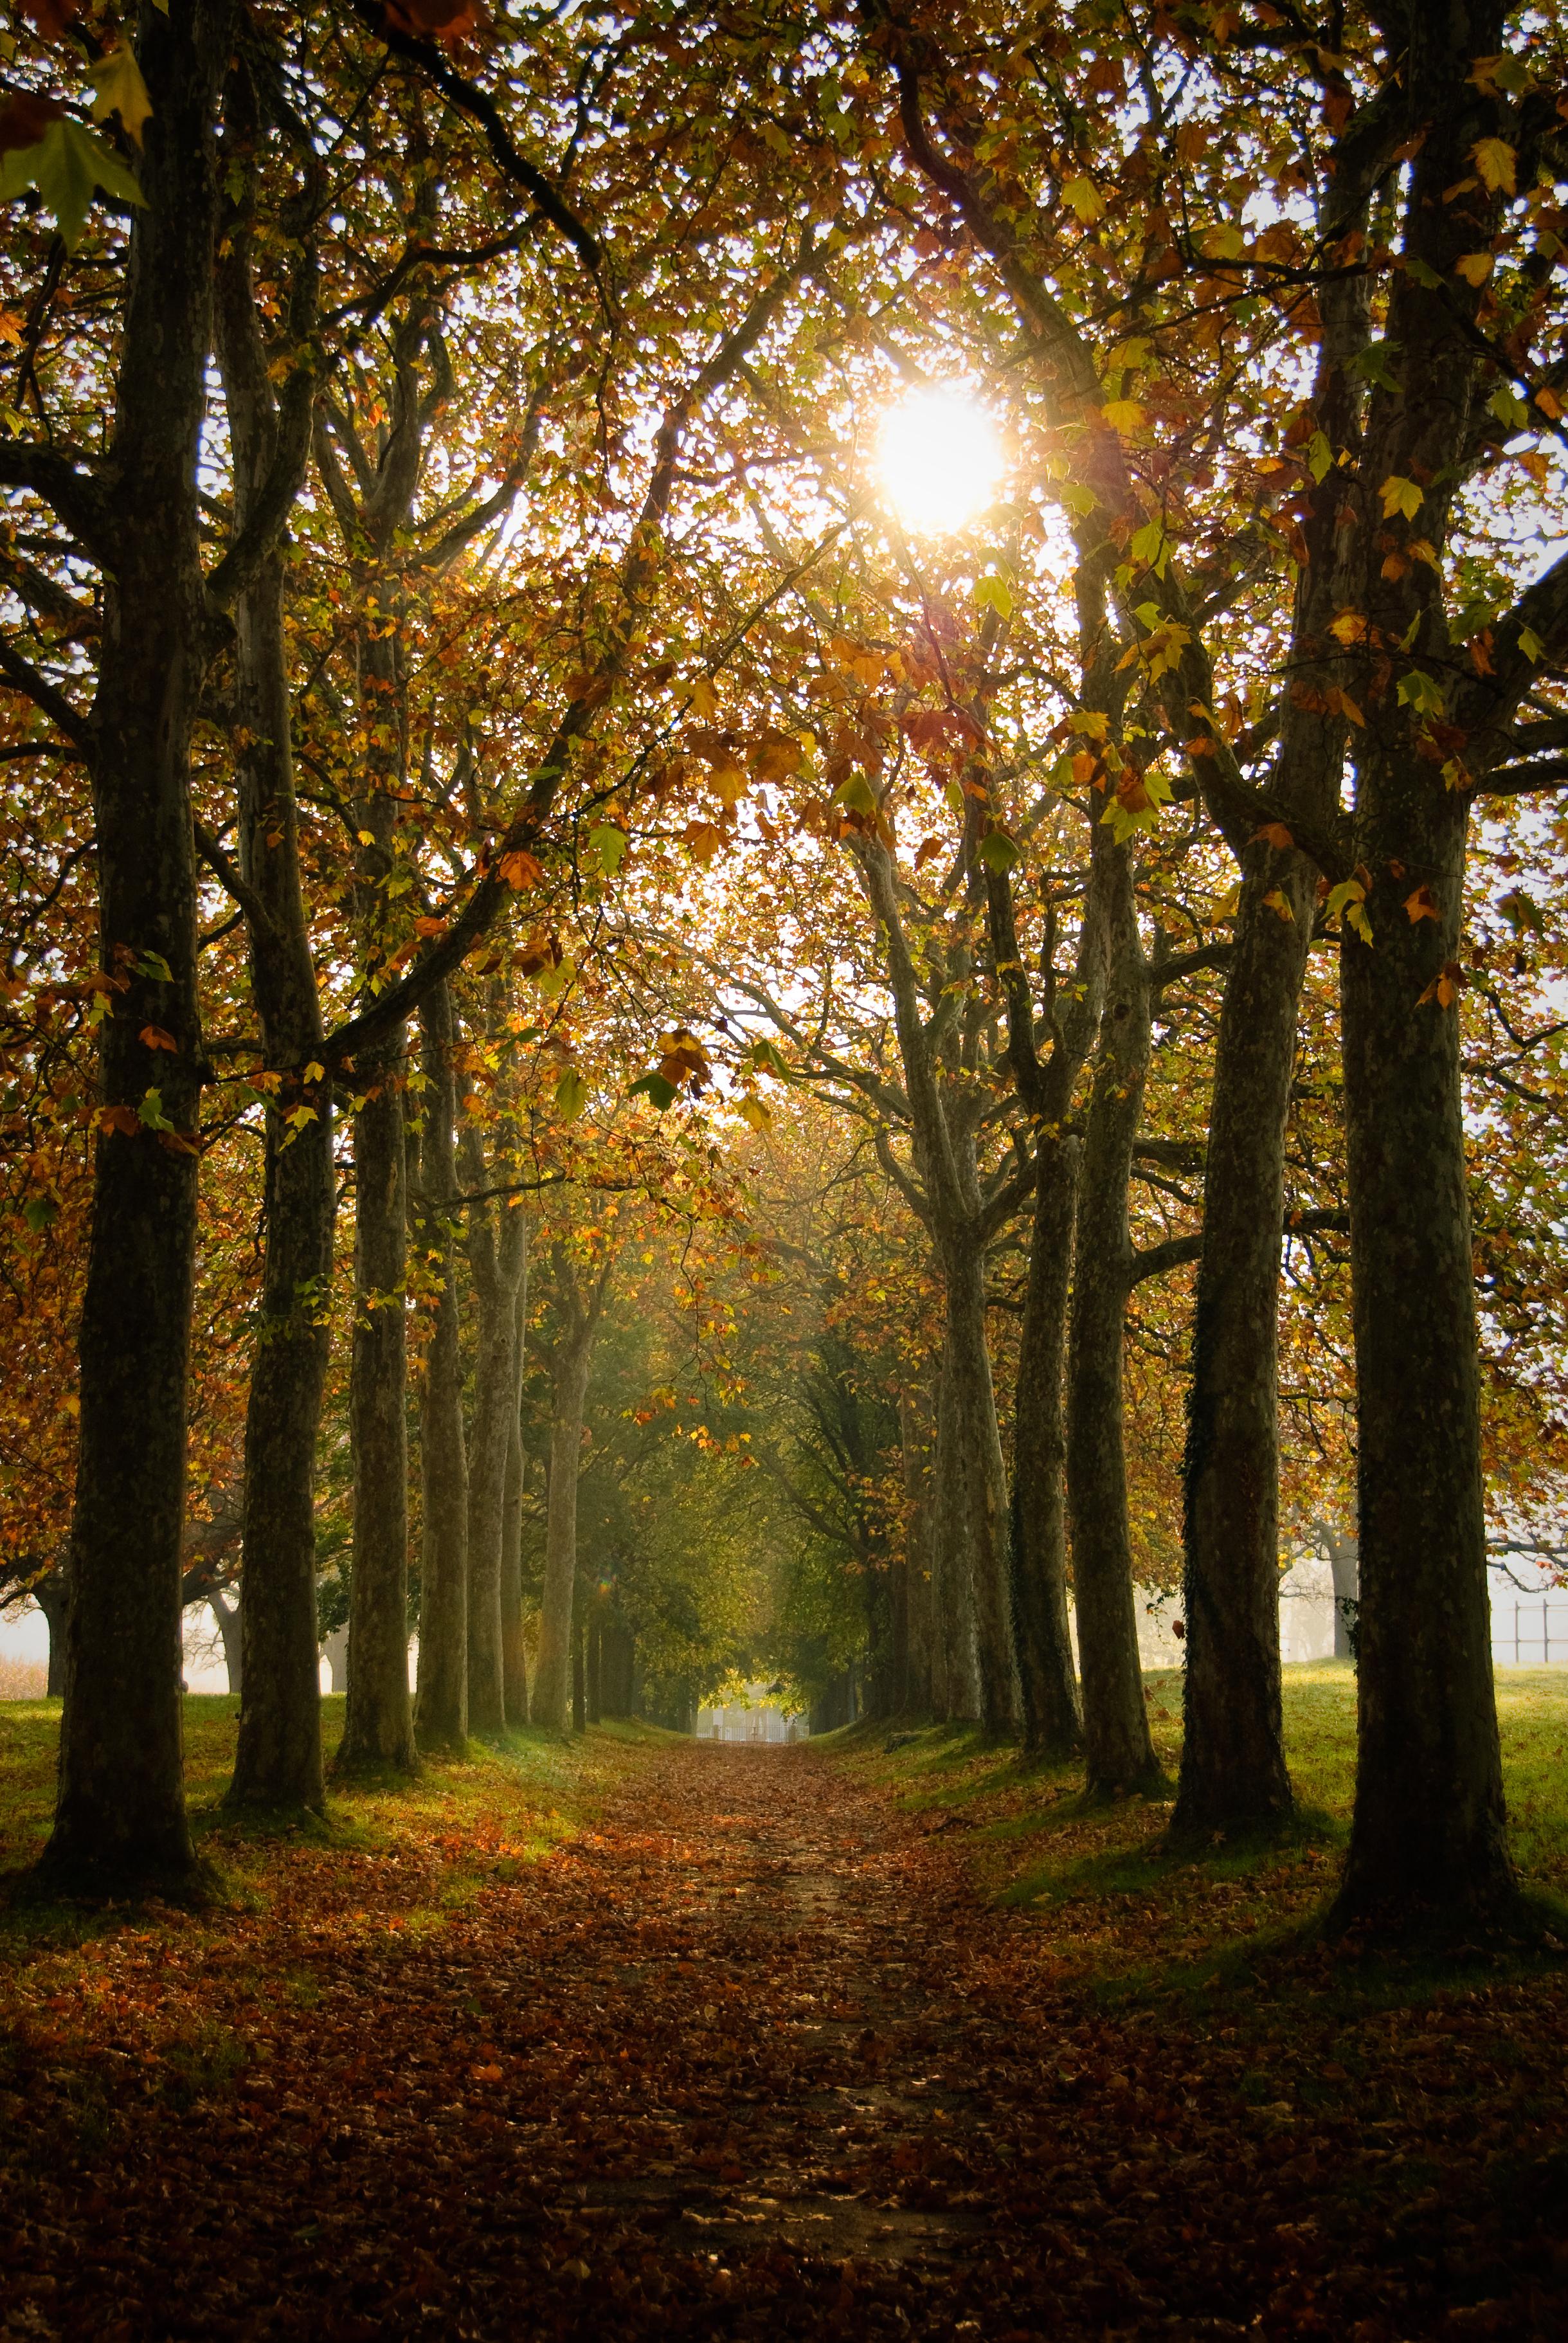 156970 Hintergrundbild herunterladen Herbst, Natur, Bäume, Gasse, Pfad - Bildschirmschoner und Bilder kostenlos